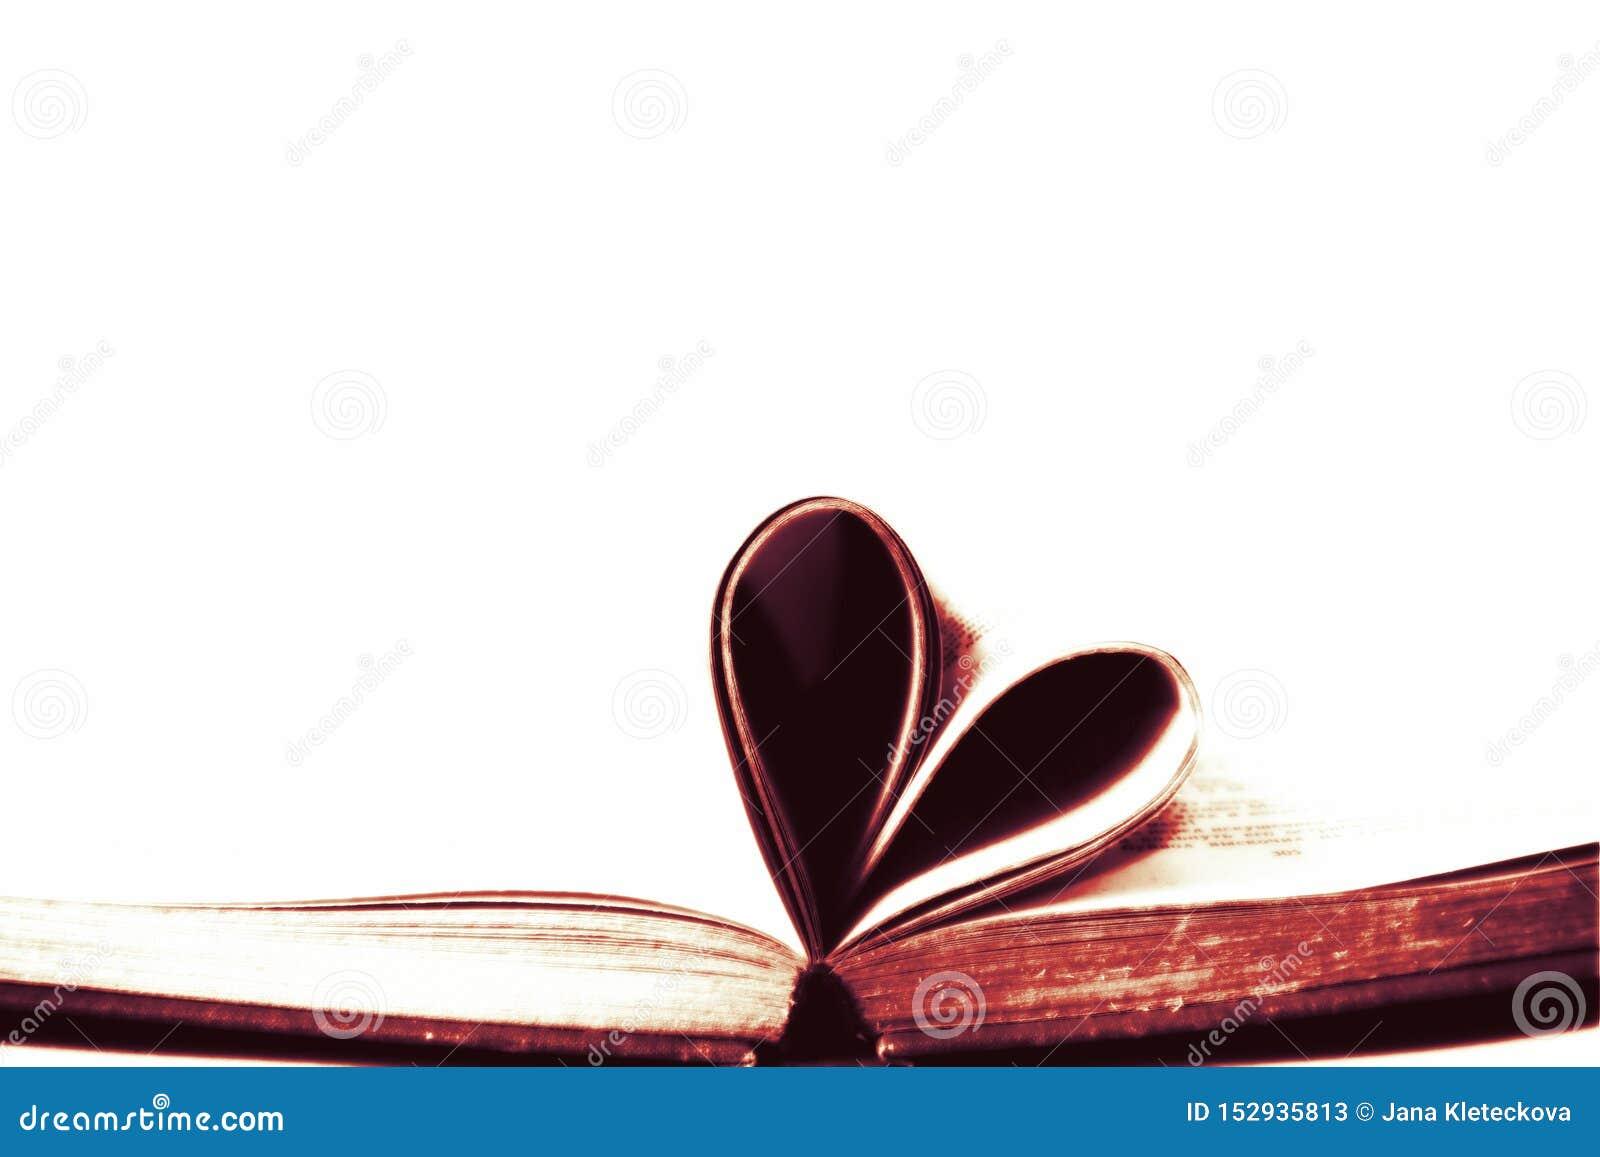 Verouderd oud die boek met pagina s in het symbool van de hartvorm met lege wit geïsoleerde exemplaar ruimteachtergrond gestalte